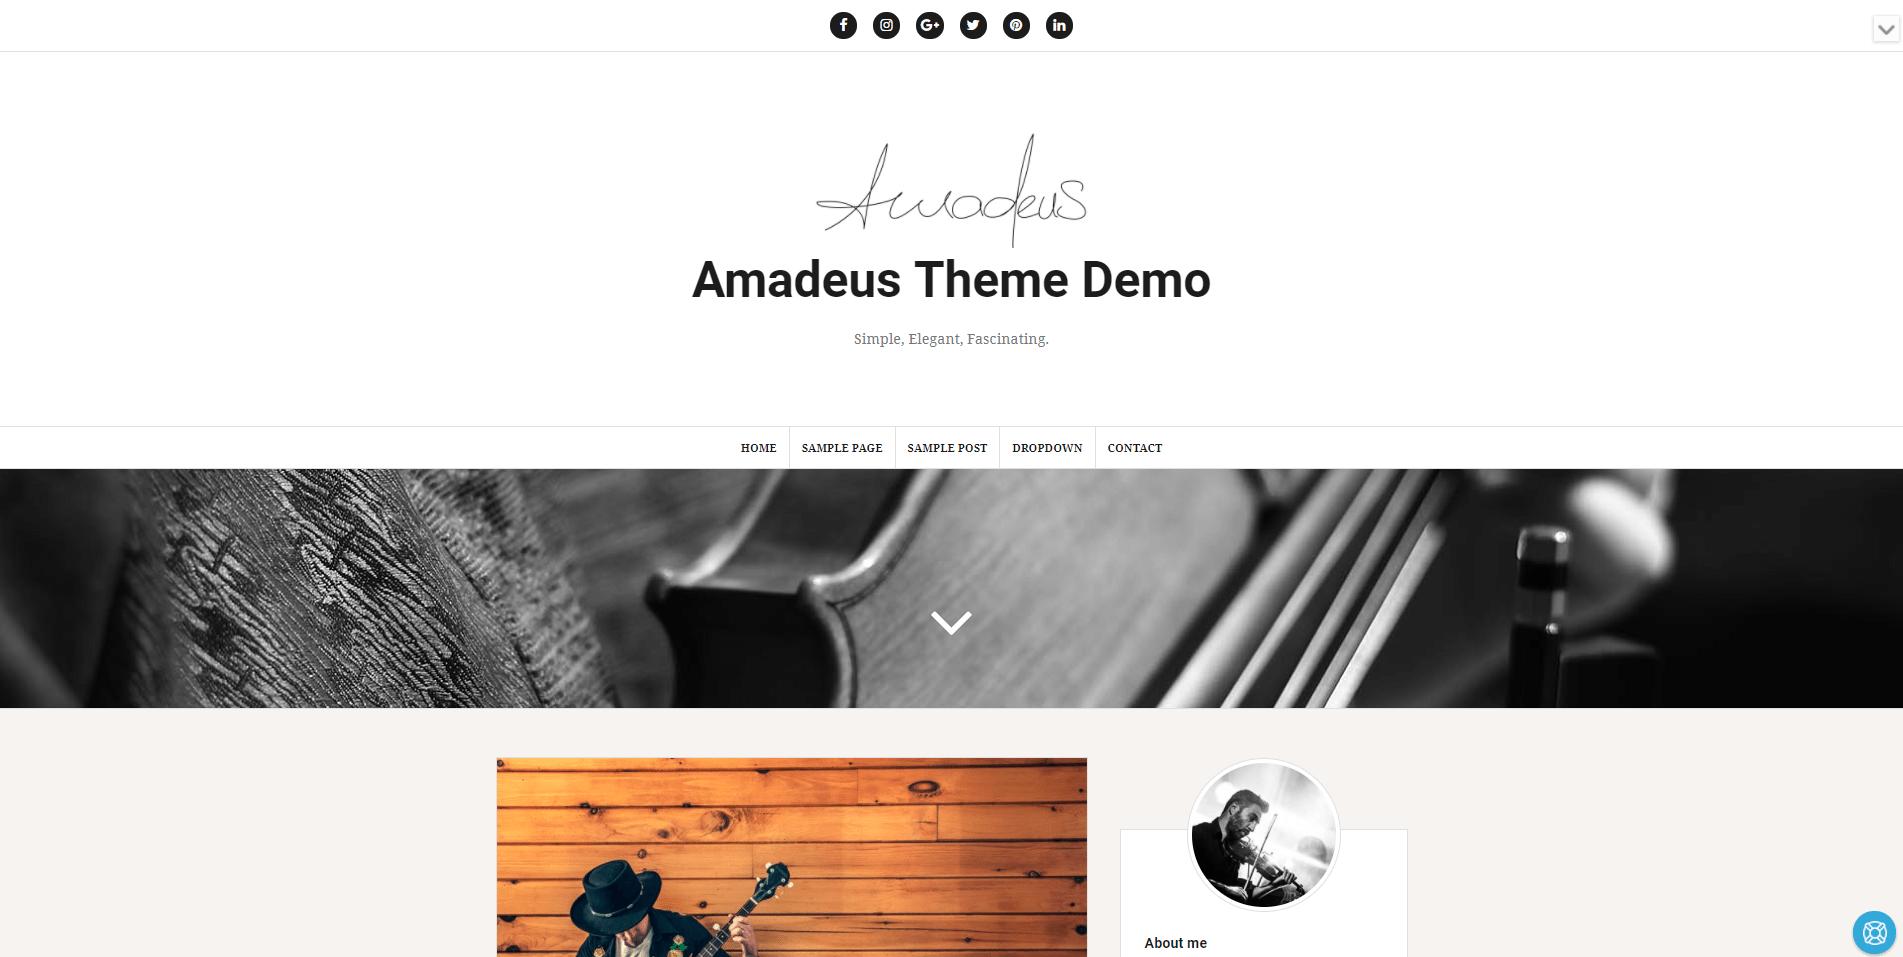 Amadeus Theme